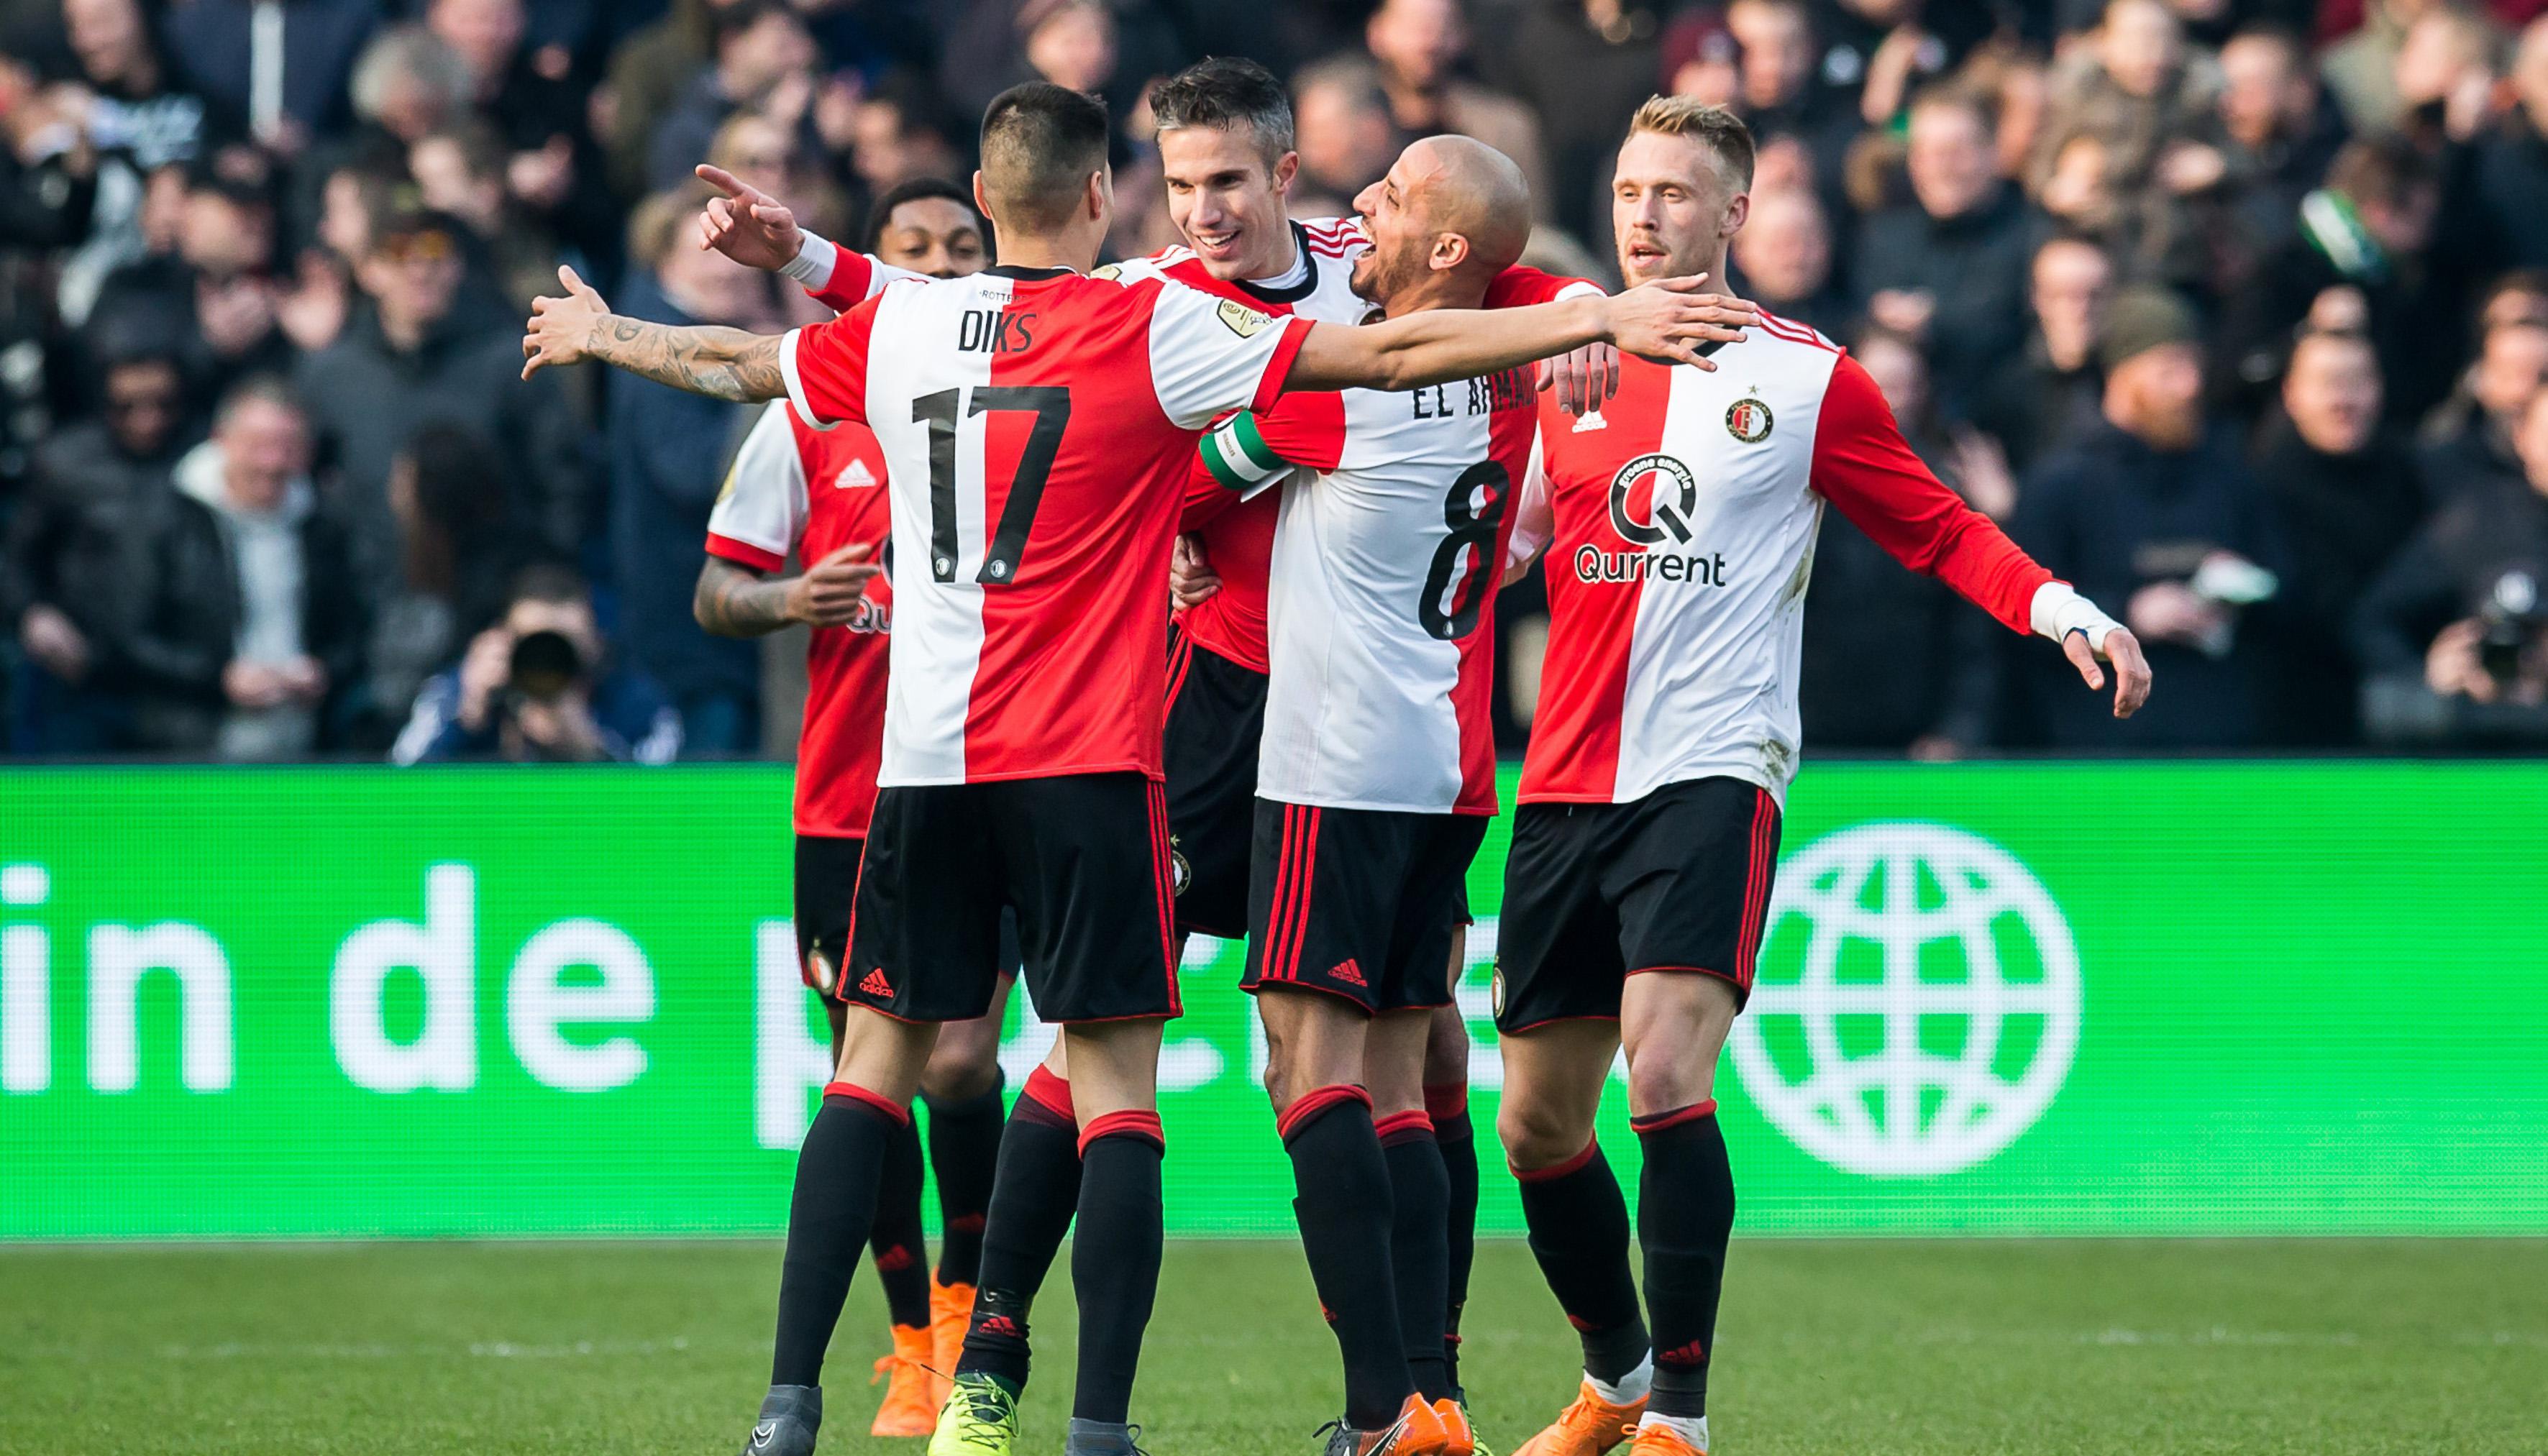 Europa League-Quali: Über Hochkaräter, deutsche Enklaven und Düdelingen